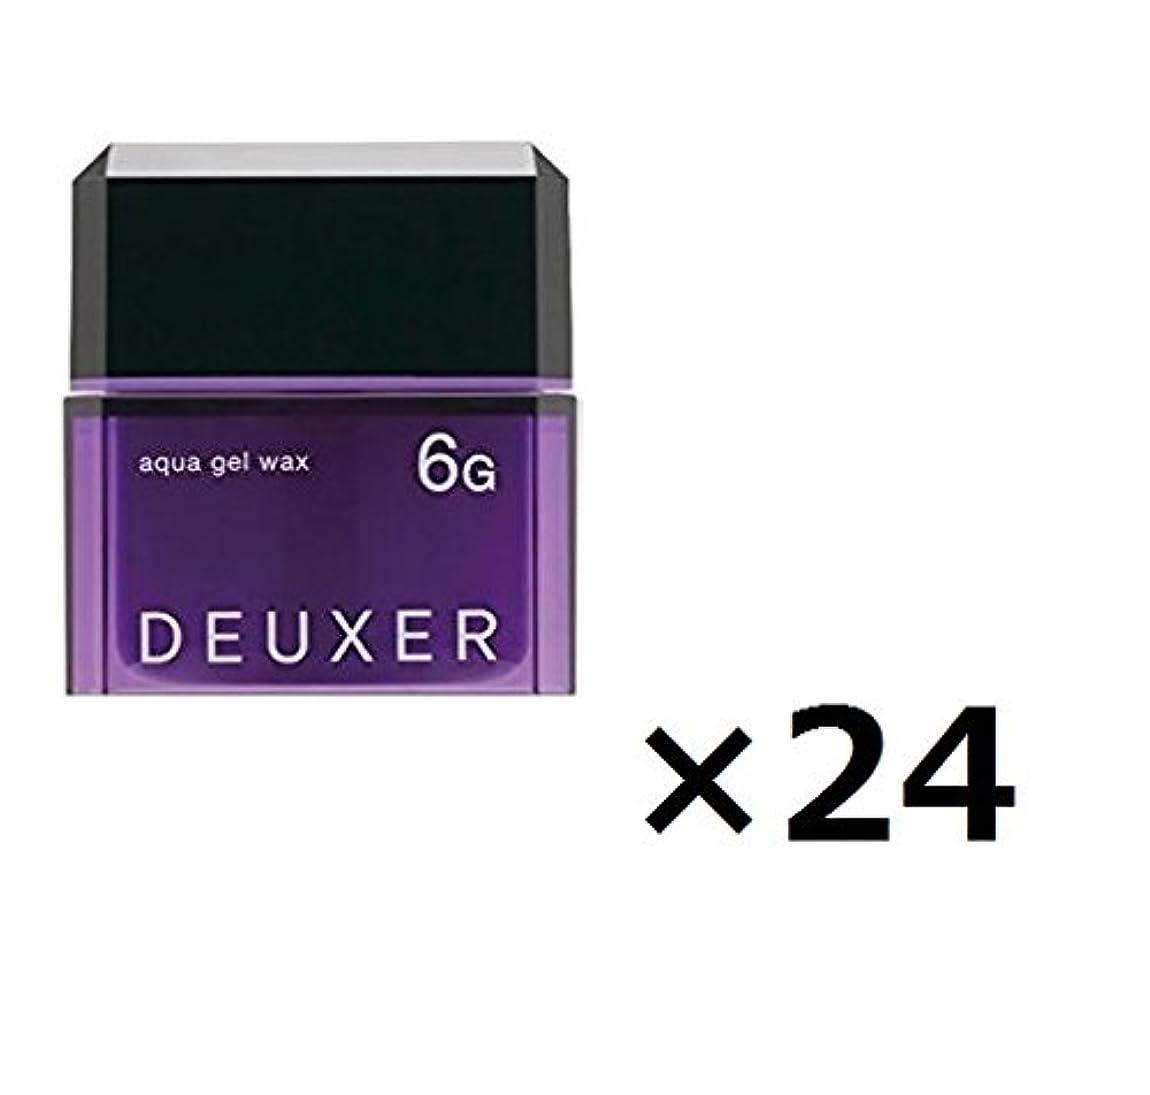 マウントバンク要件偶然【24個セット】ナンバースリー デューサー アクアジェルワックス 6G 80g